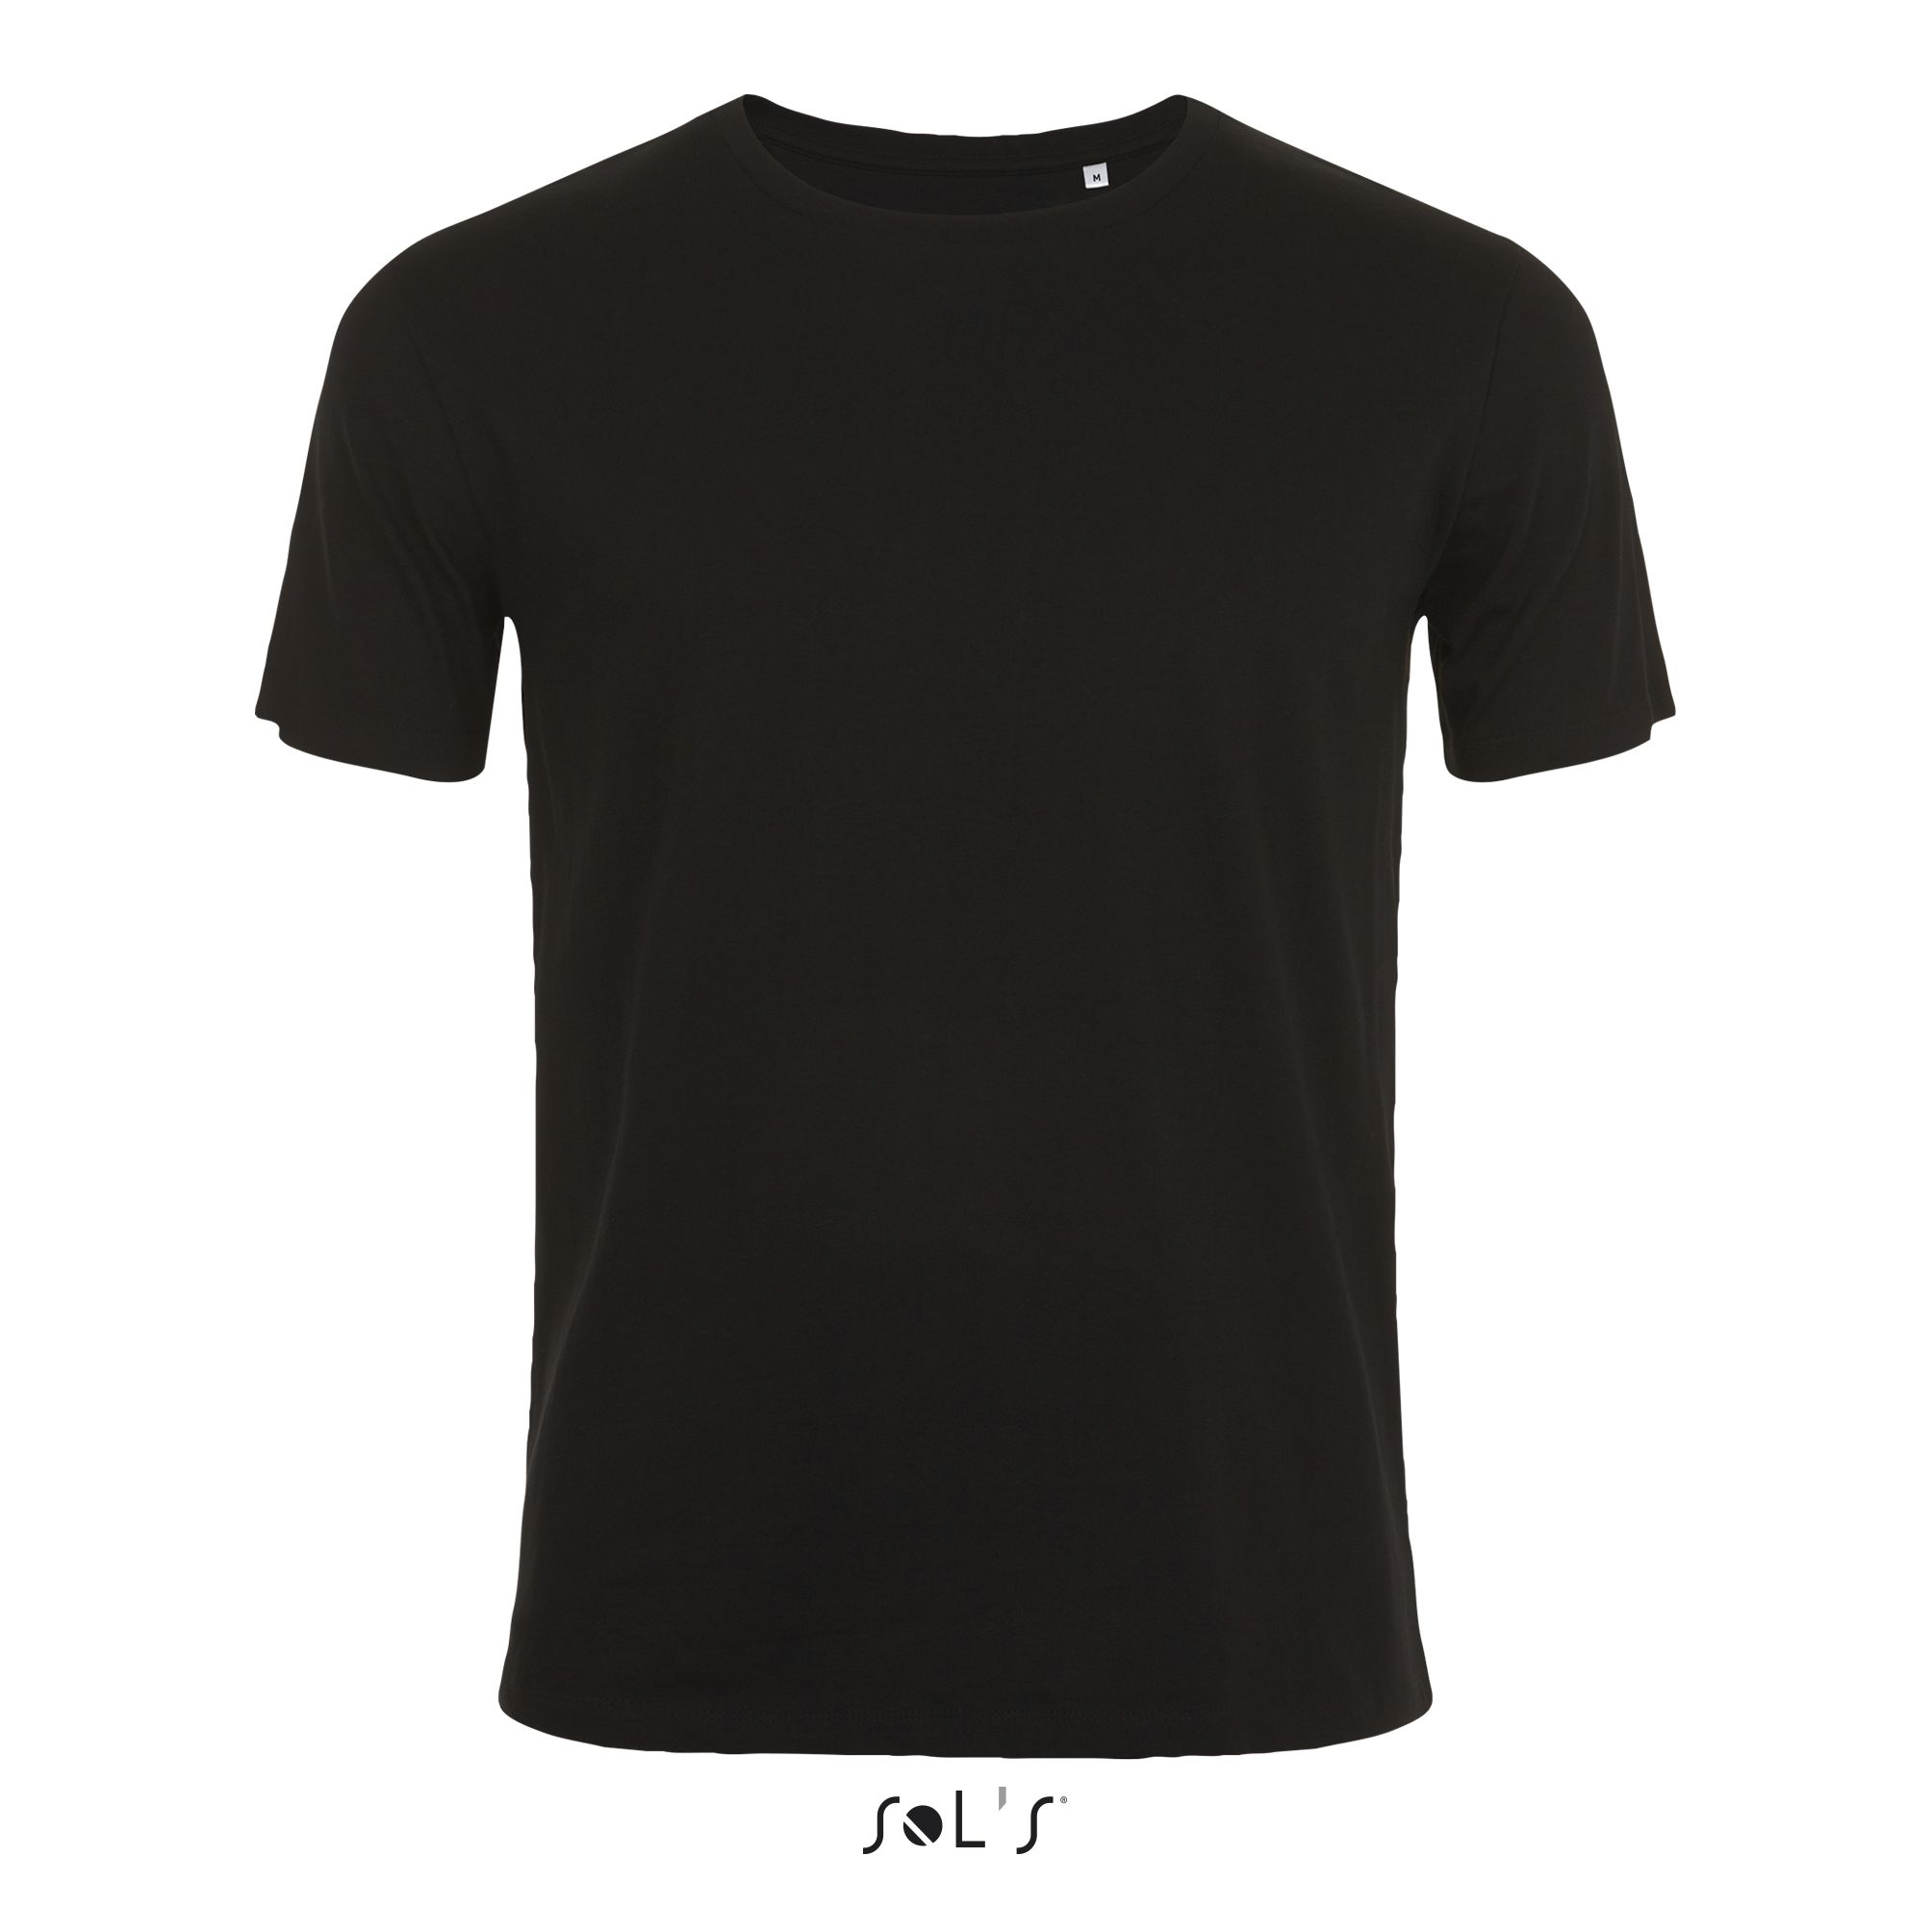 309 - Noir profond